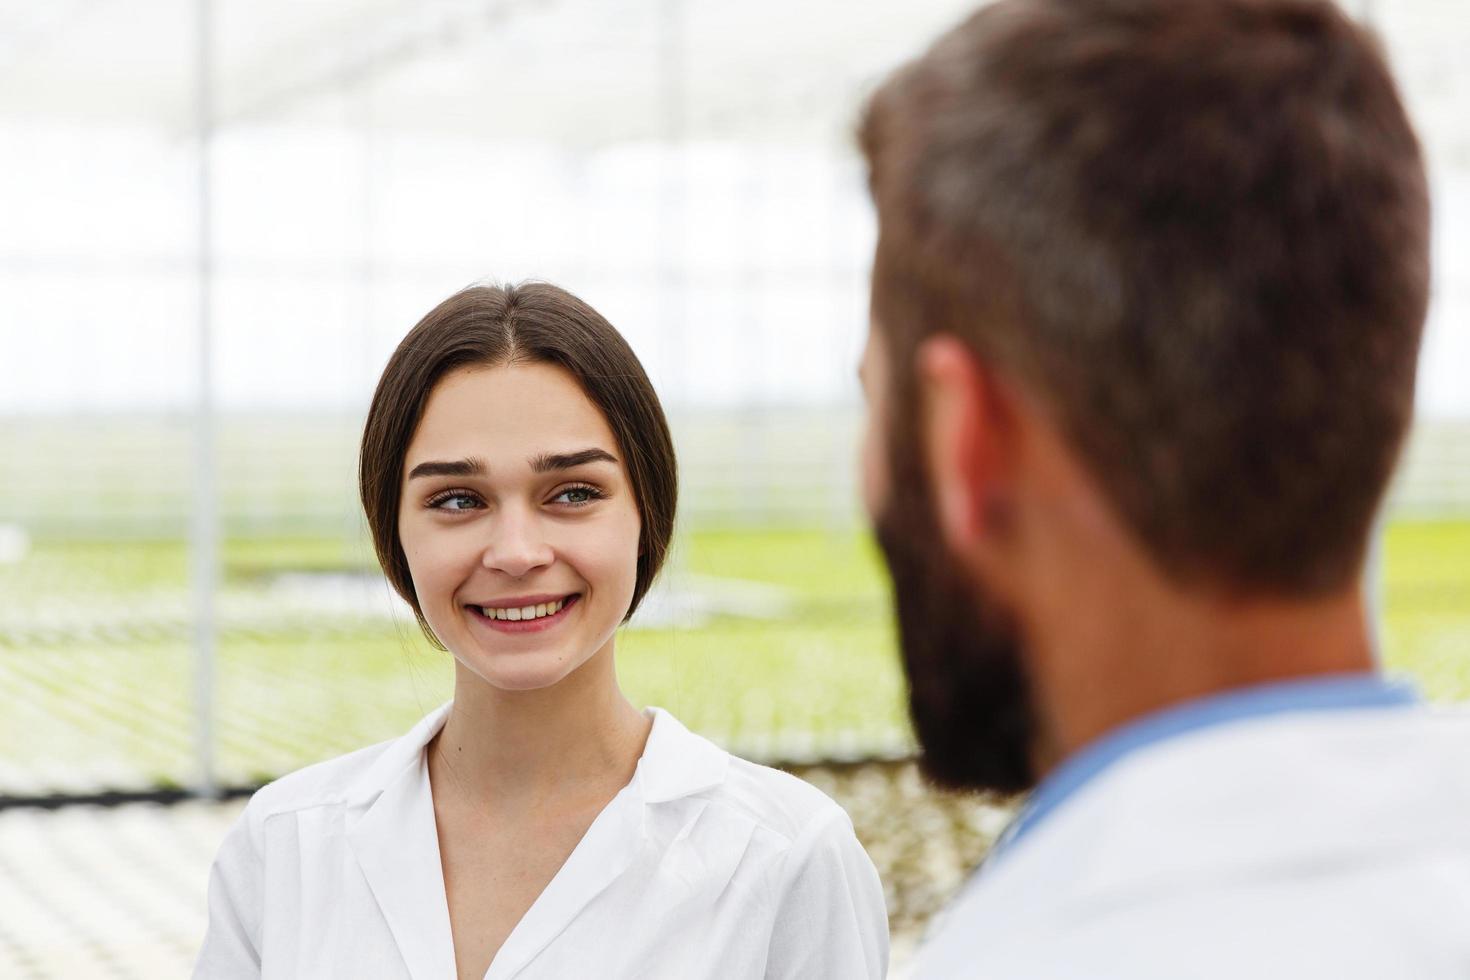 vrouwelijke wetenschapper glimlachen foto